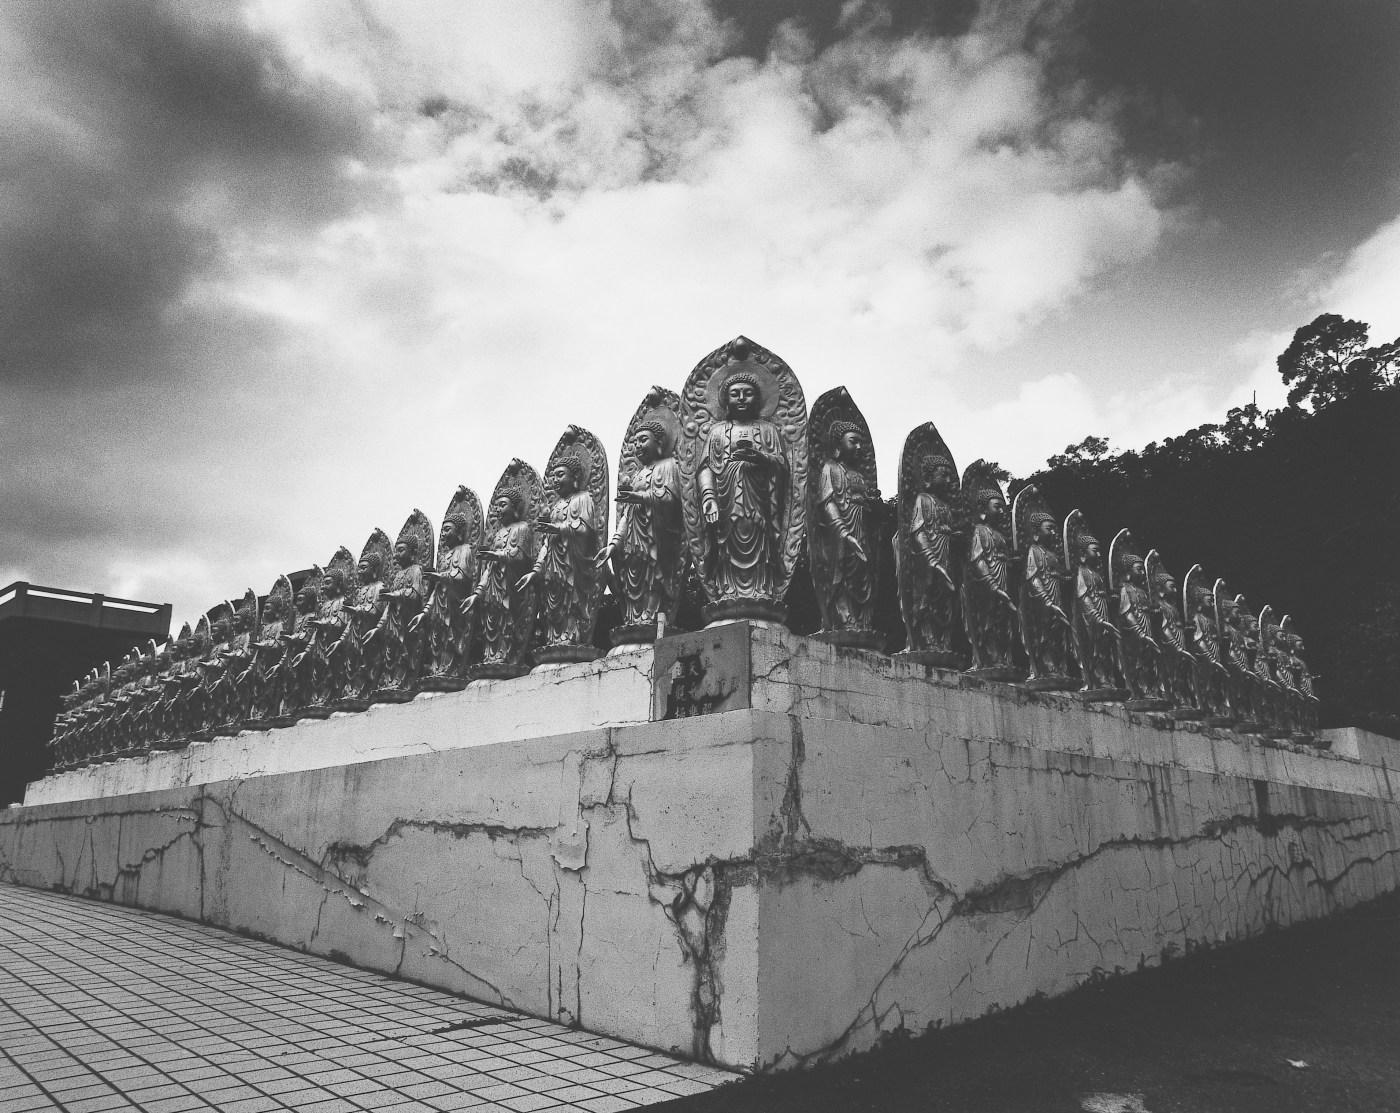 台北市北投區照明净寺之一 Illumination Temple, Beitou Dist., Taipei City I